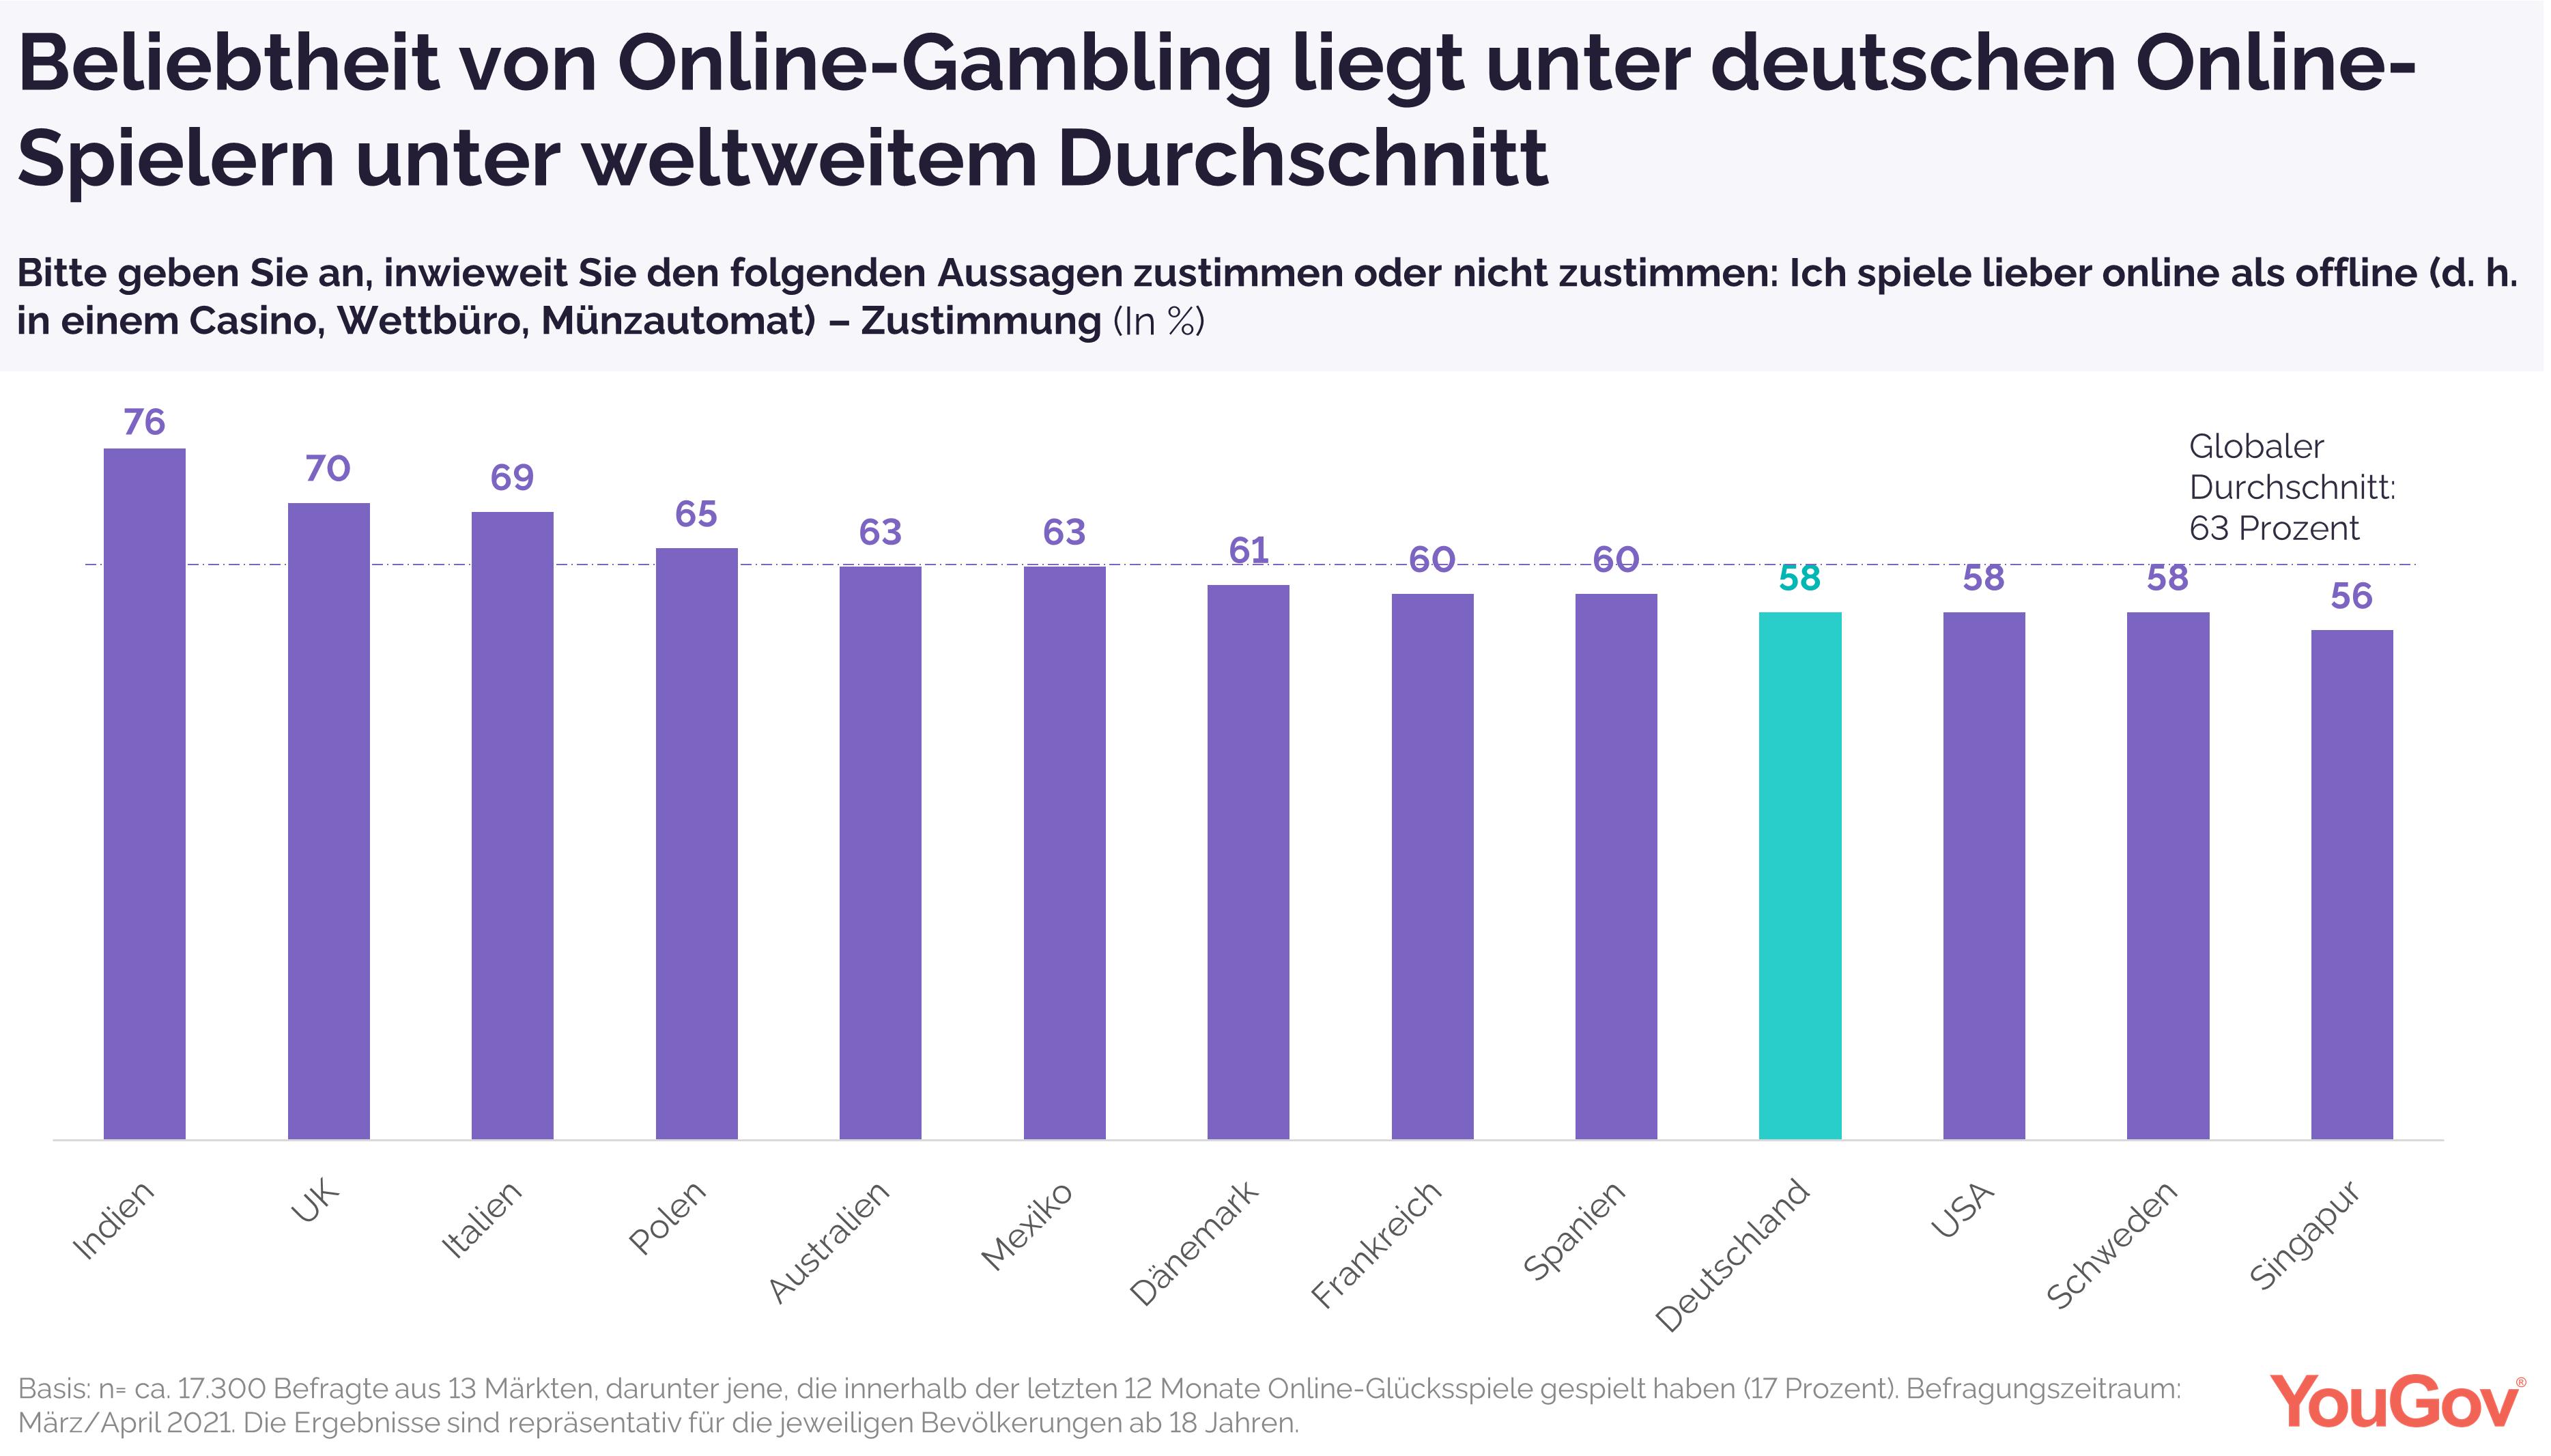 Weltweiter Vergleich Online-Gambling